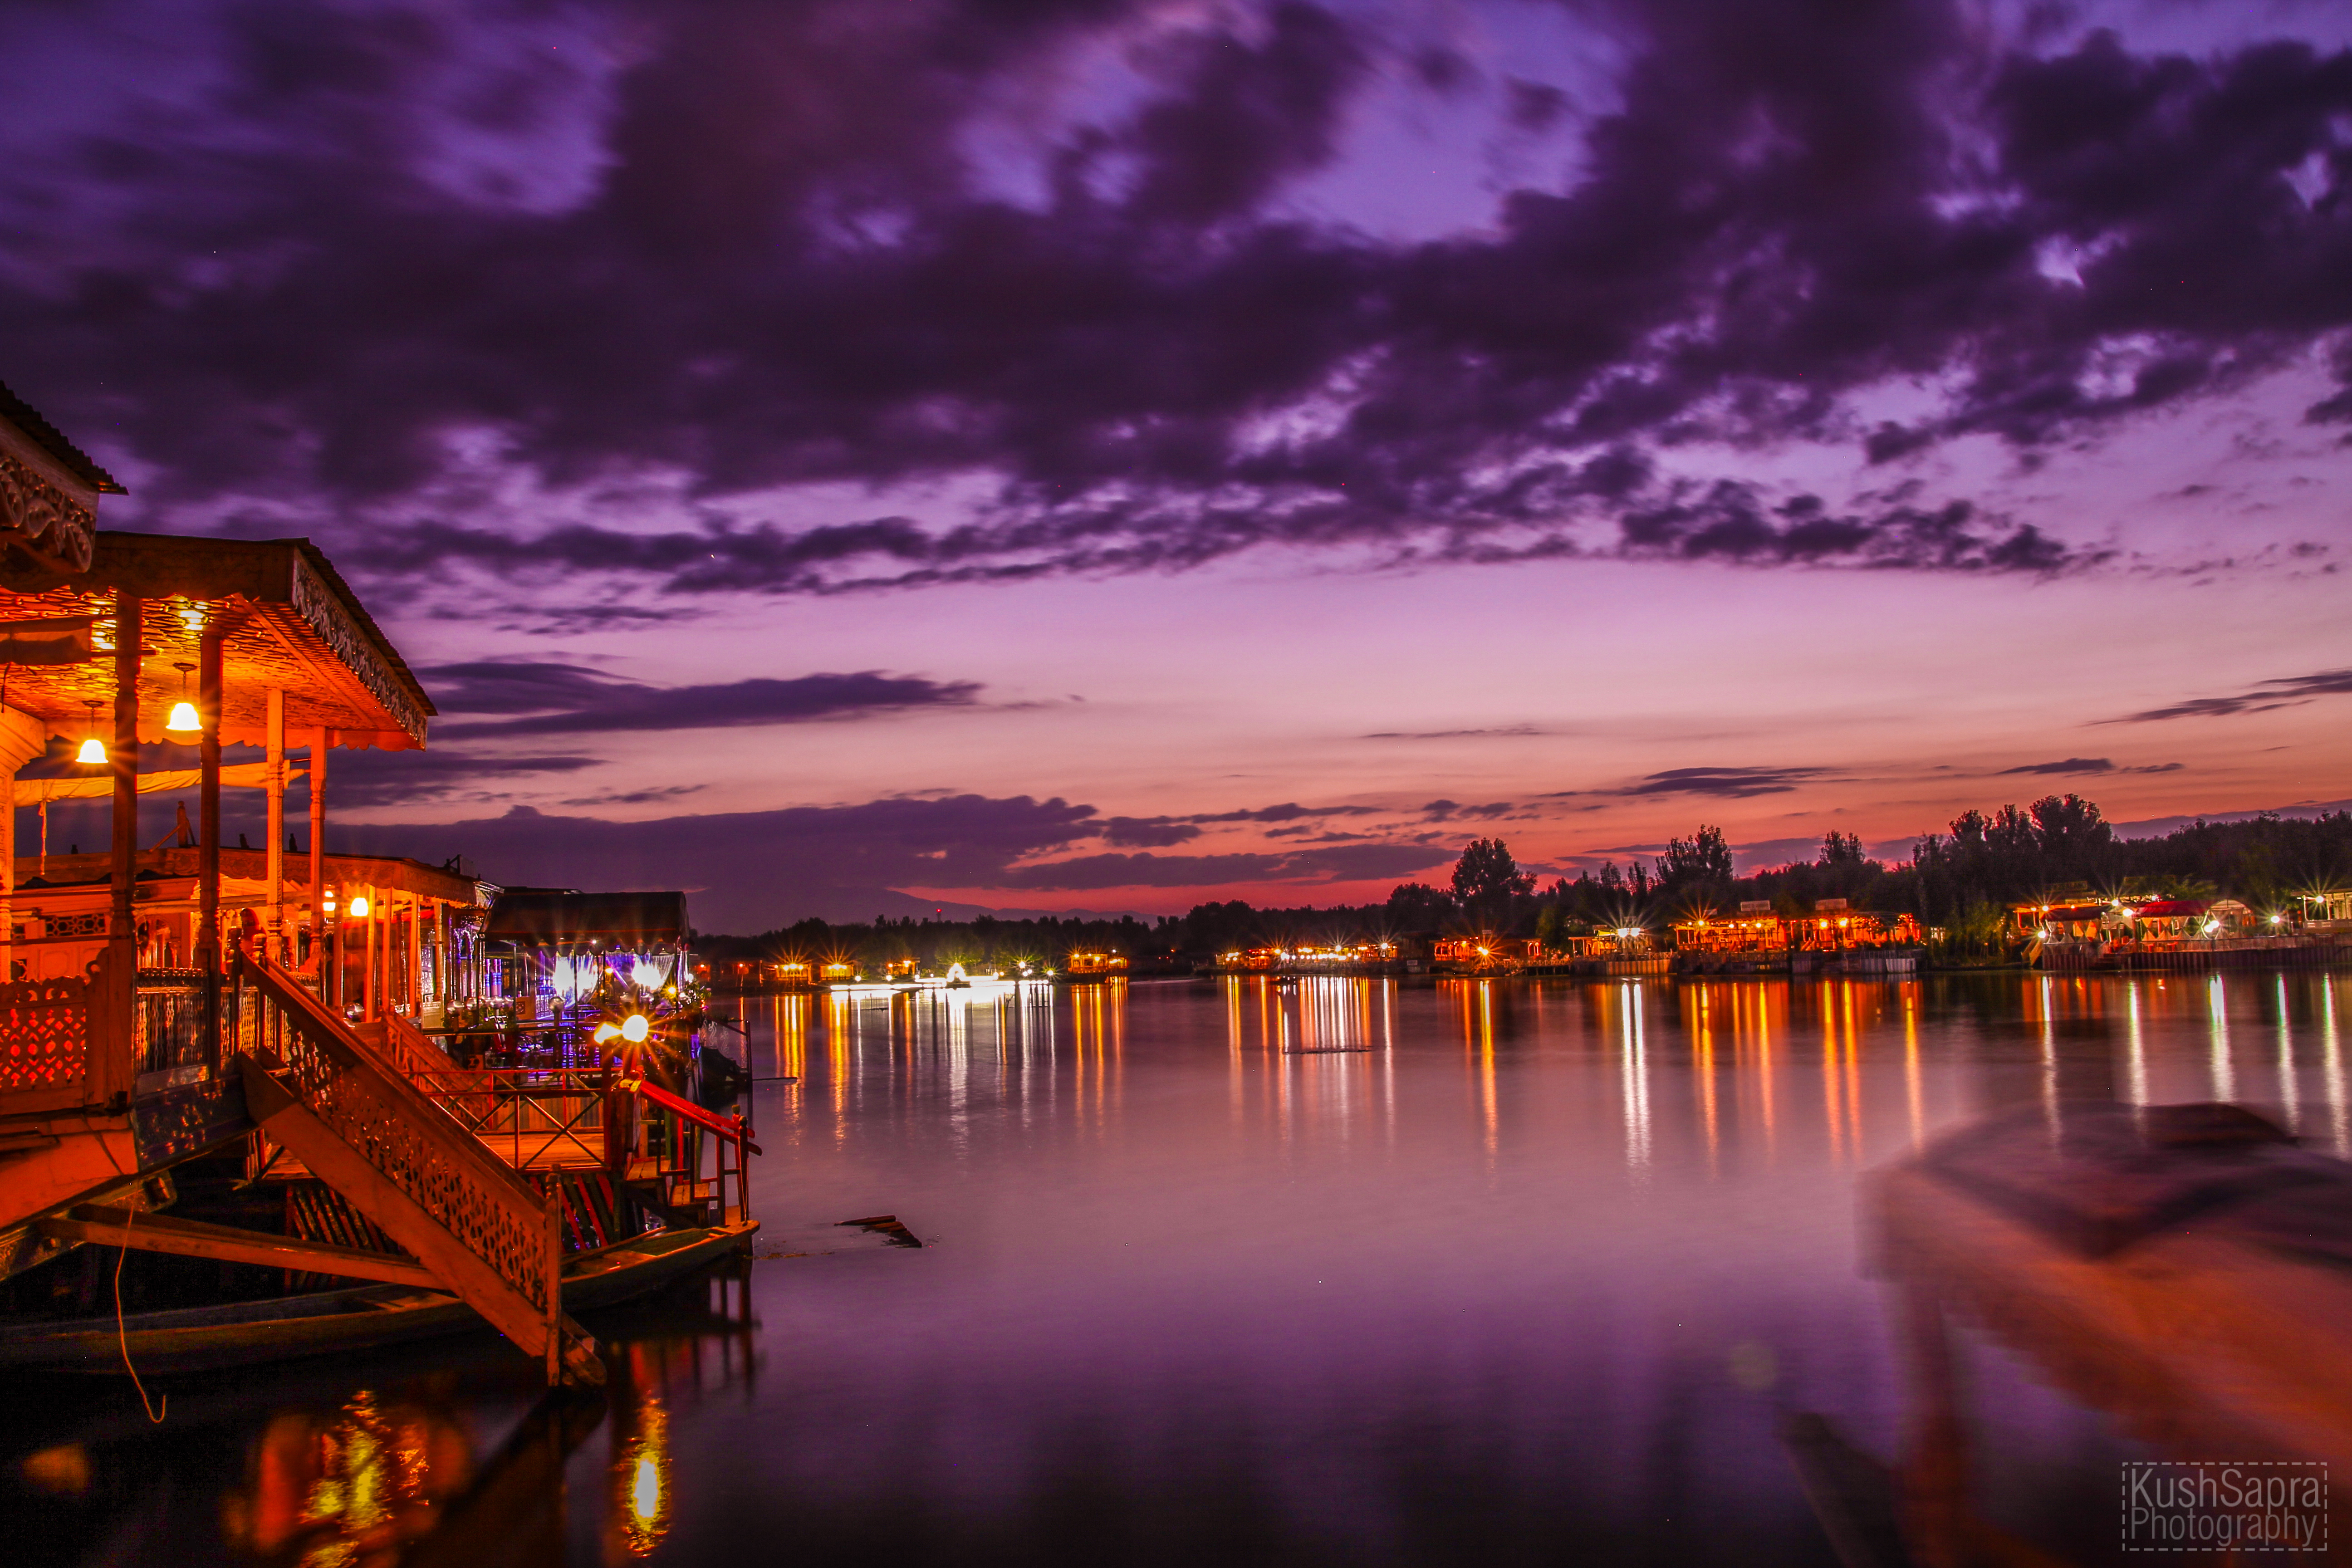 Beautiful Skies by KushSapra